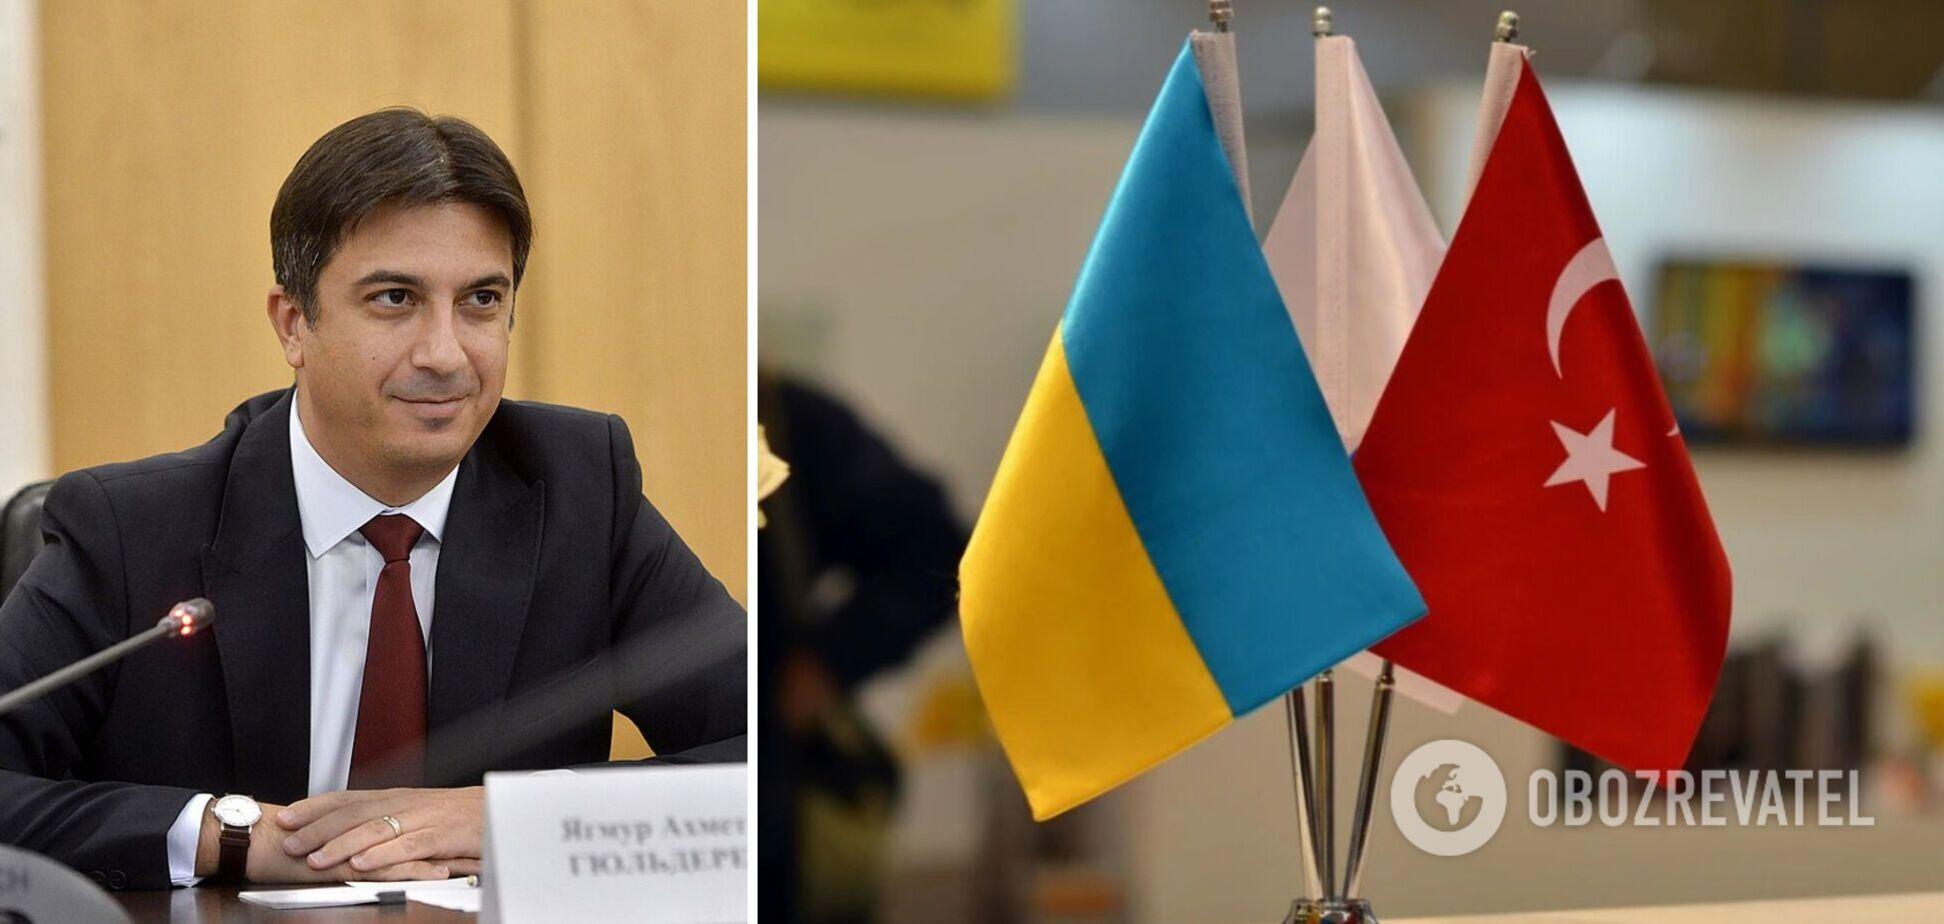 Україна і Туреччина планують разом розробляти військове обладнання – посол